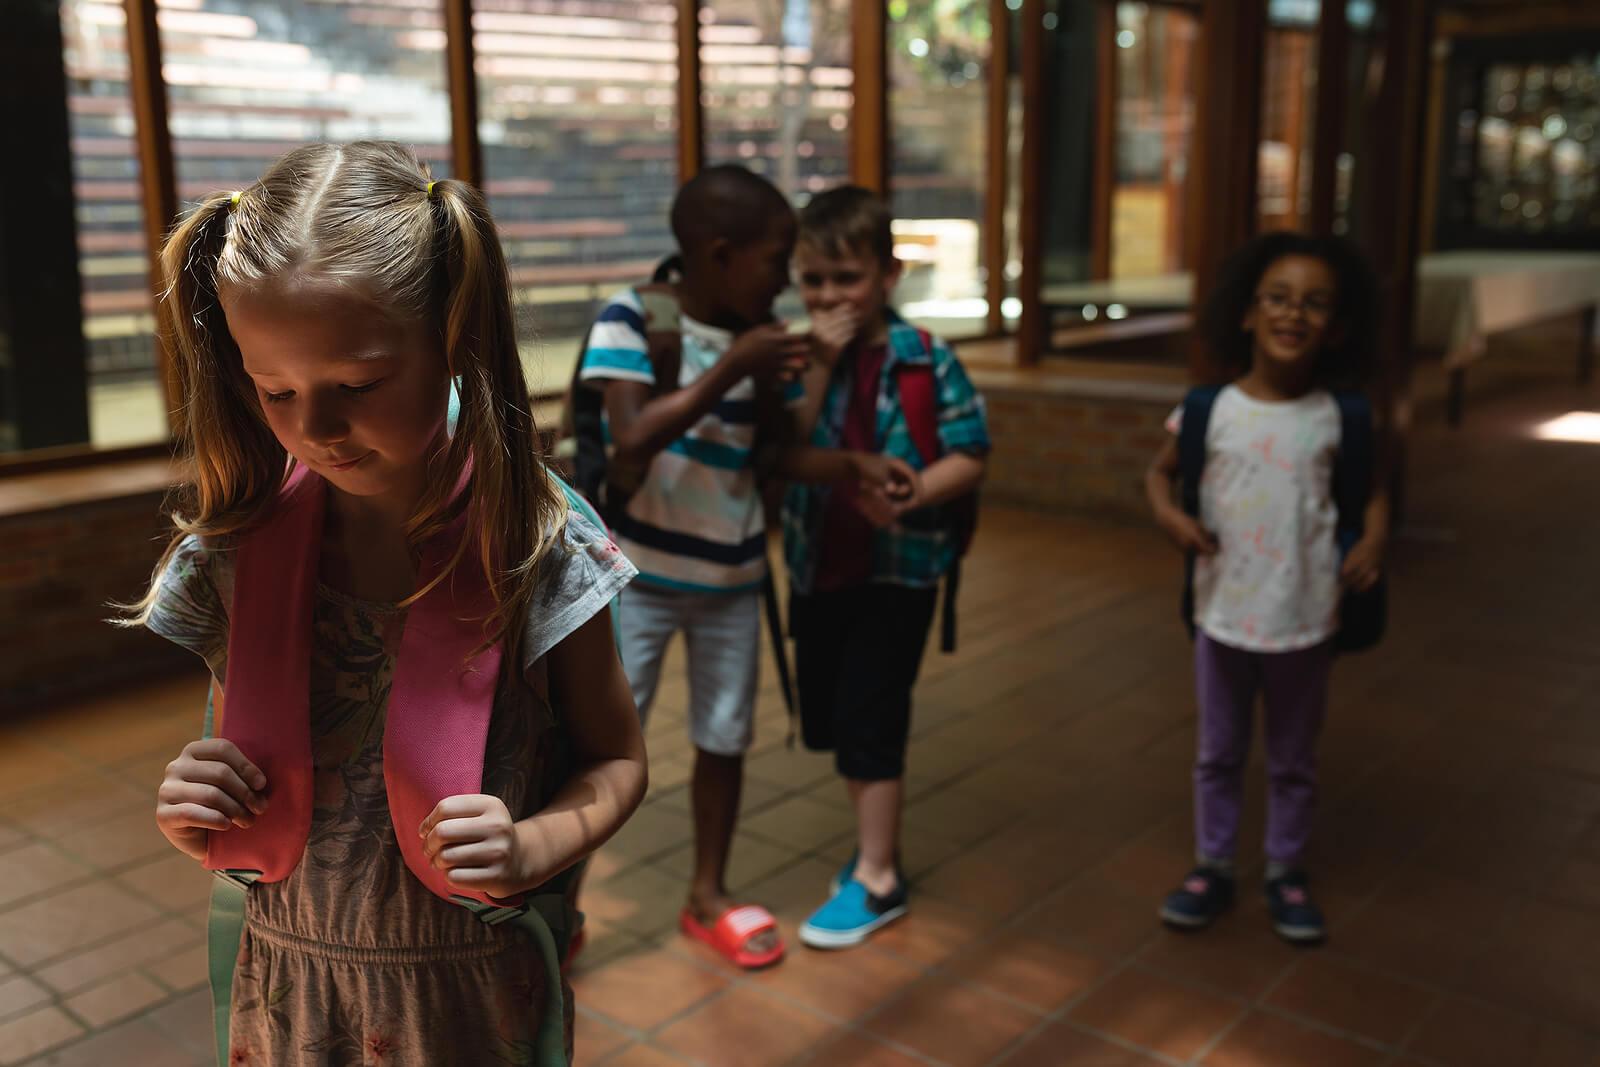 Alumnos haciendo bullying a una compañera a la que le han puesto un apodo y que sufre fobia escolar.